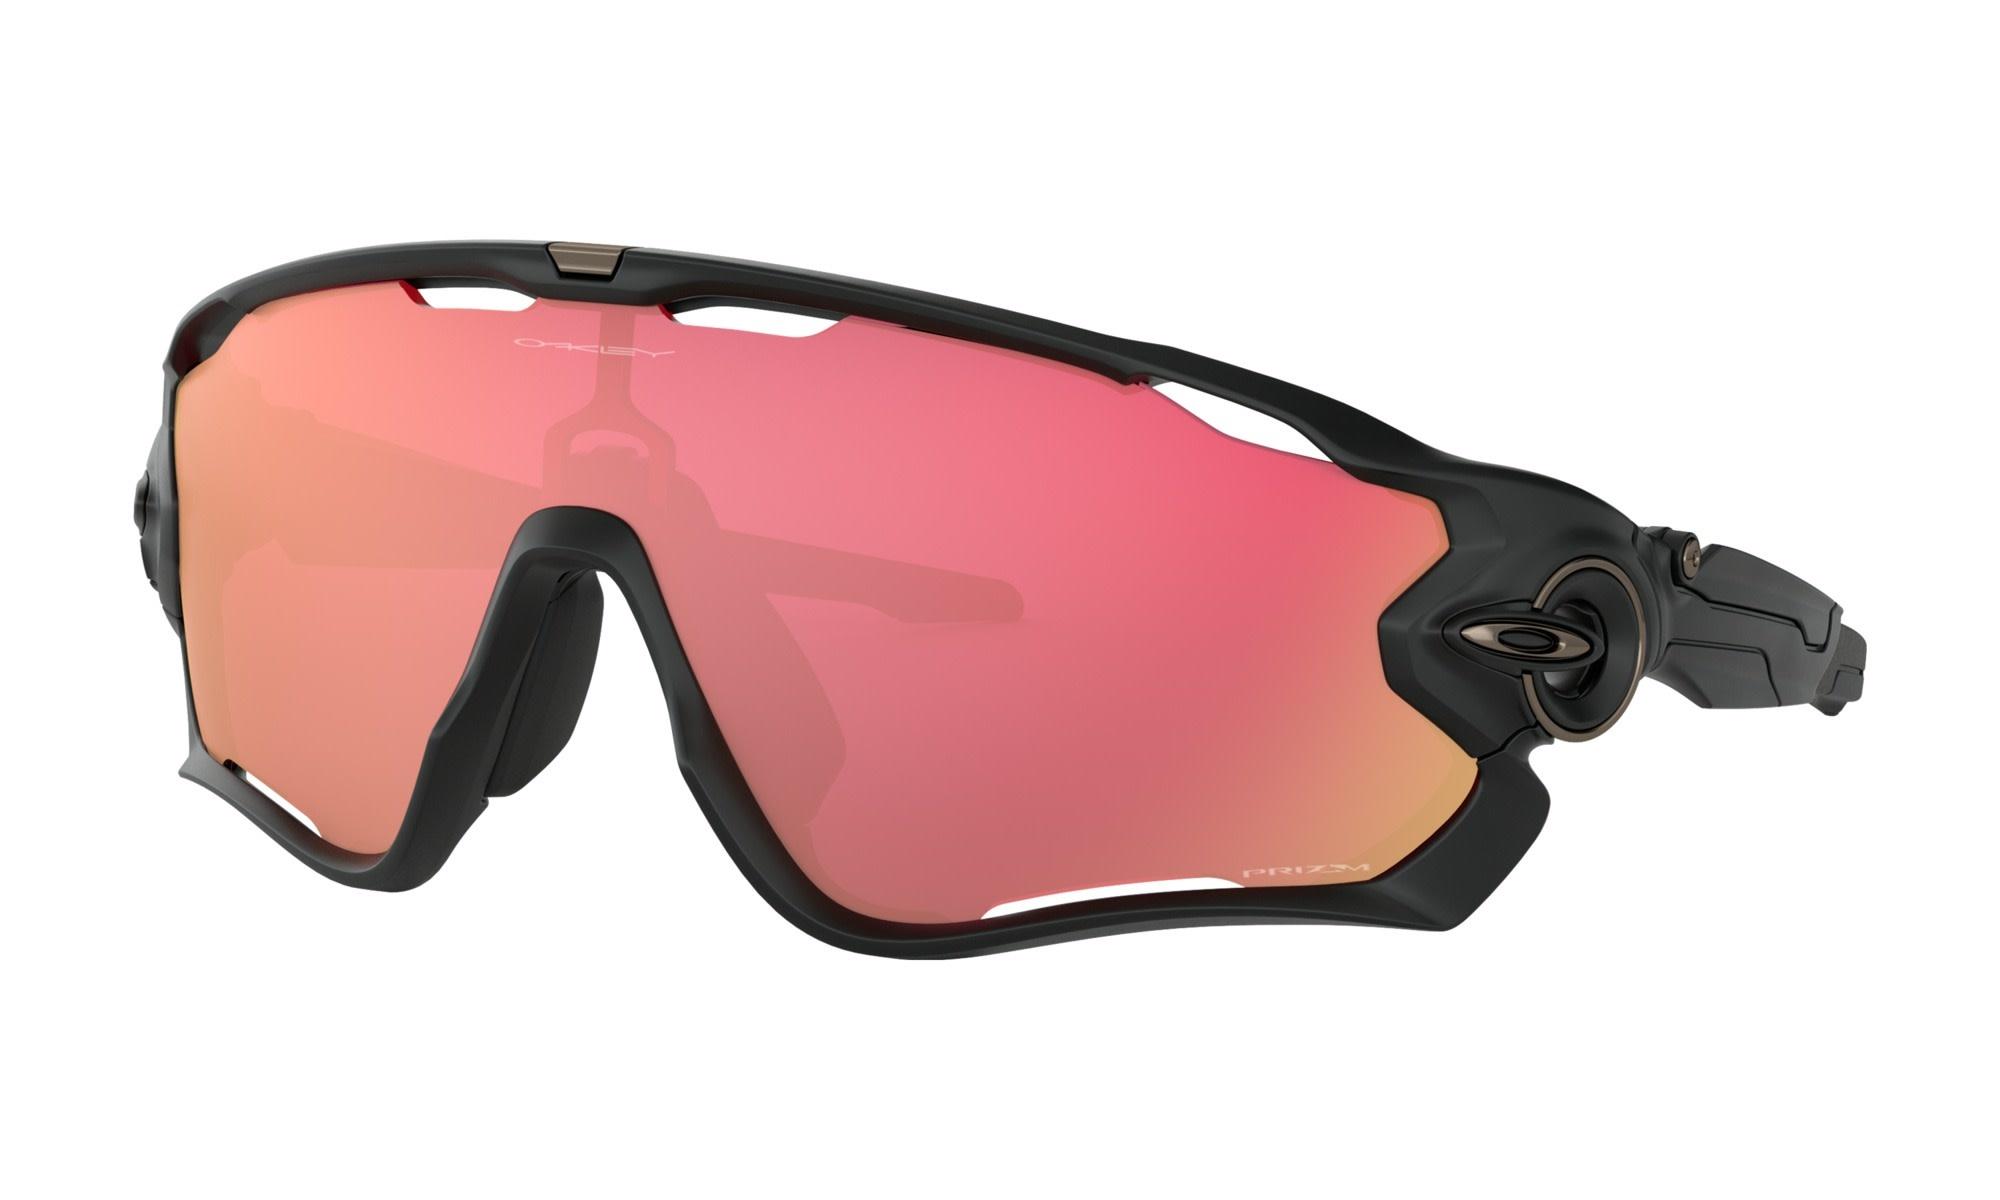 Oakley Jawbreaker Matt Black/Prizm Snow Torch Eyewear